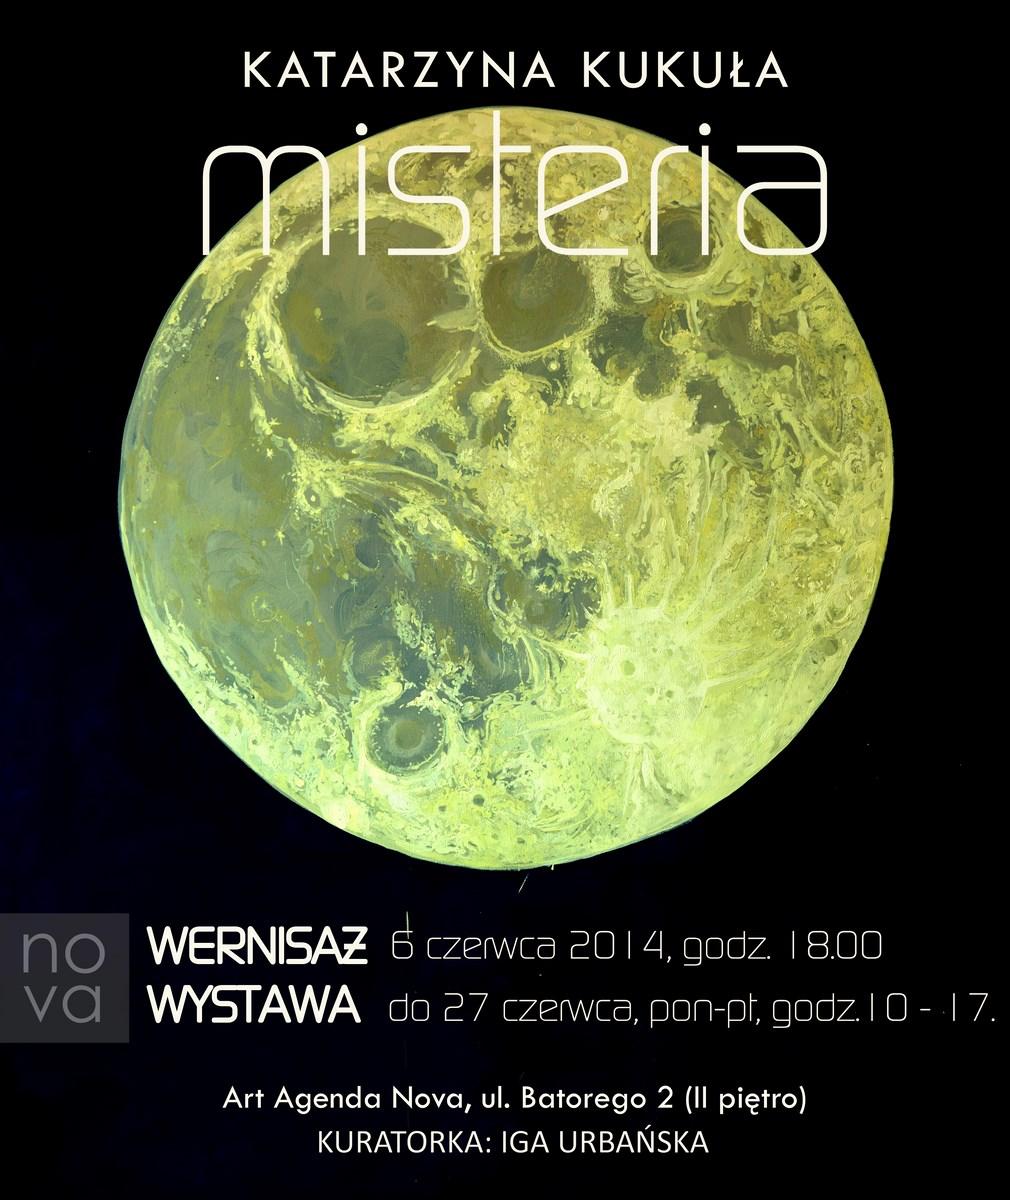 """Katarzyna Kukuła, """"Misteria"""", Art Agenda Nova w Krakowie (źródło: materiały prasowe organizatora)"""